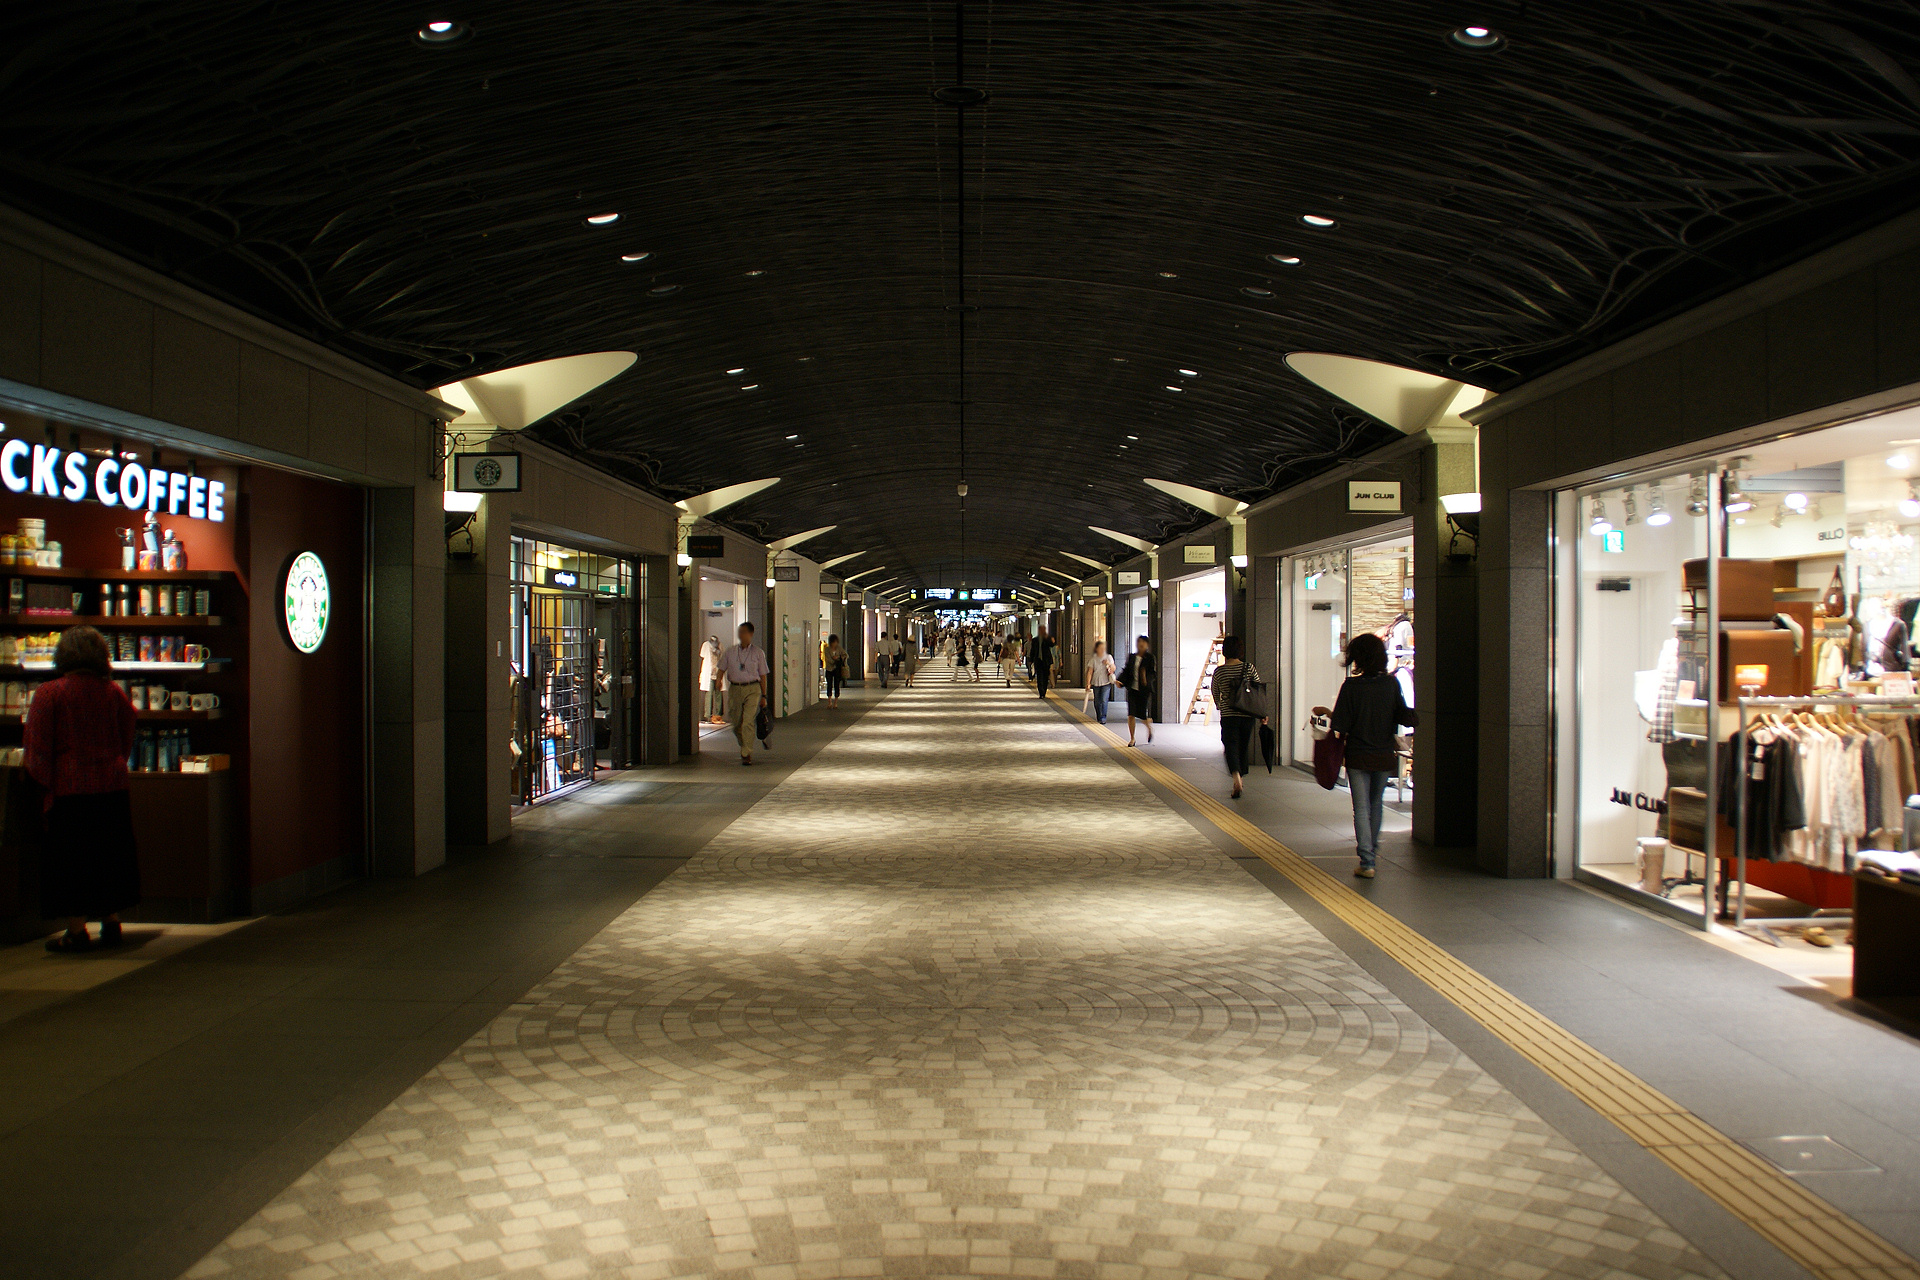 File:Tenjin Chikagai(Tenjin Underground City) - 02.JPG